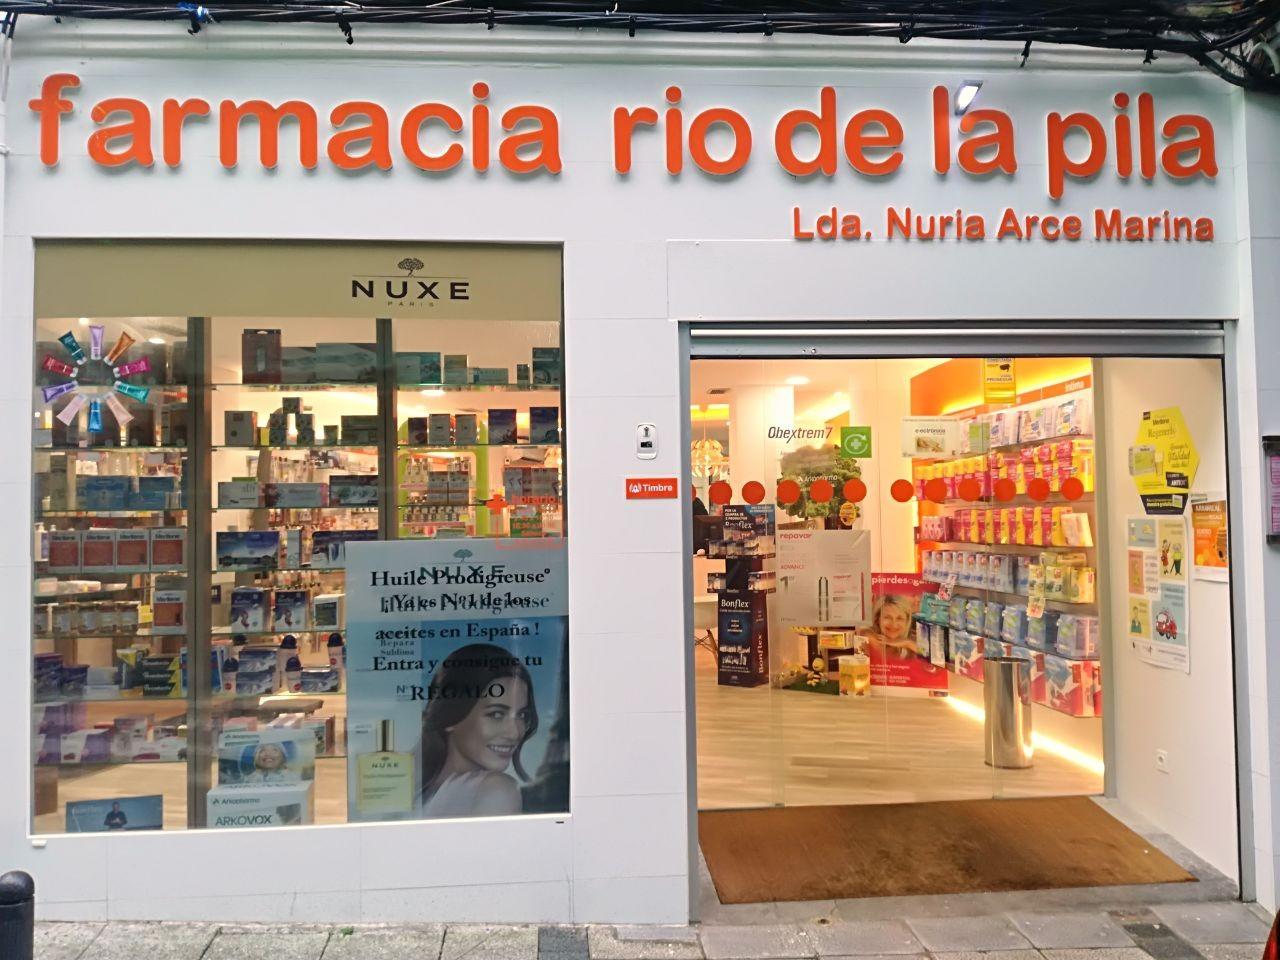 Farmacia Rio de la Pila